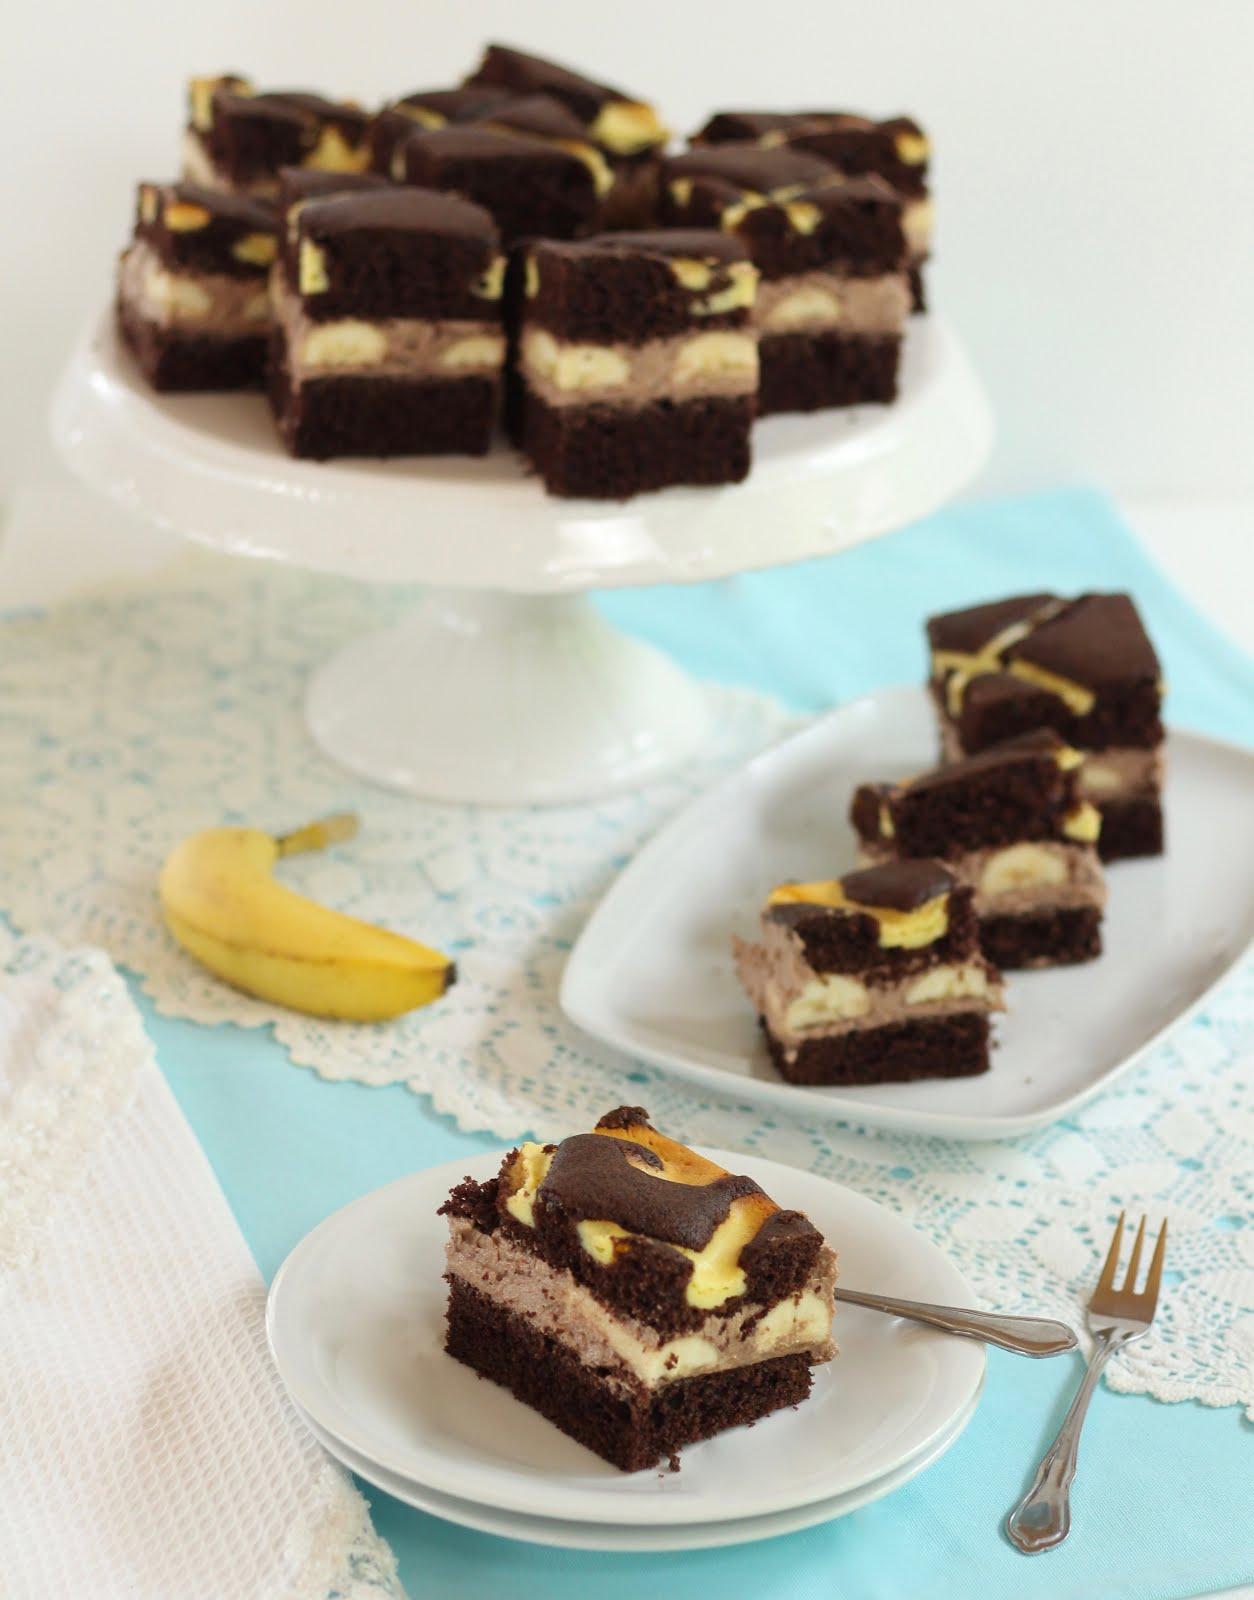 Schoko-Steppdeckenkuchen mit Bananen | Rezept und Video von Sugarprincess